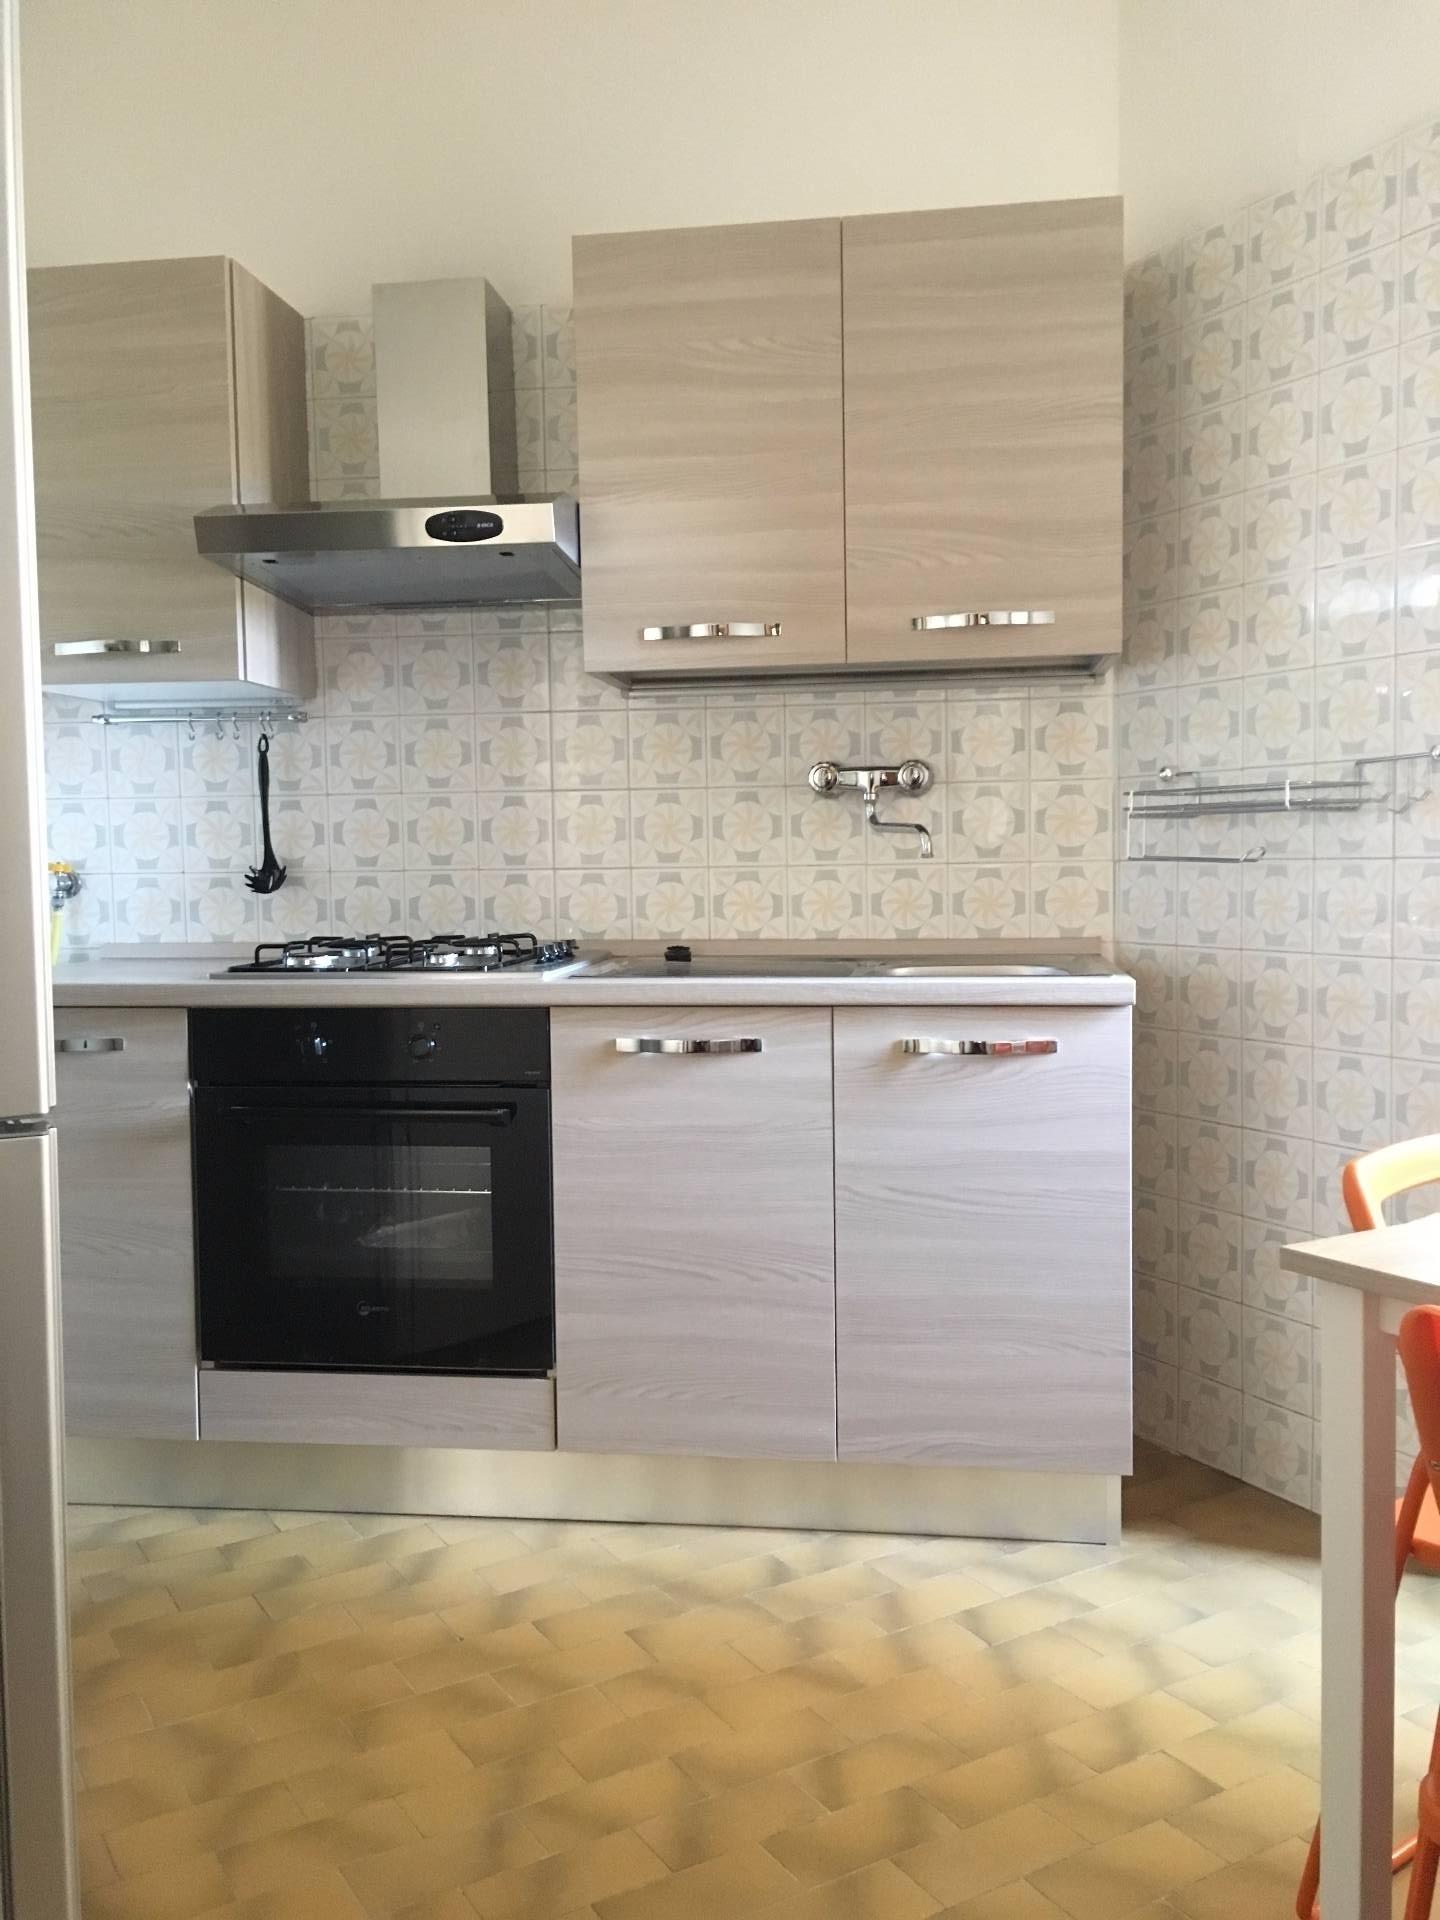 Appartamento in affitto a Pisa, 5 locali, zona Località: Pratale, prezzo € 800 | Cambio Casa.it